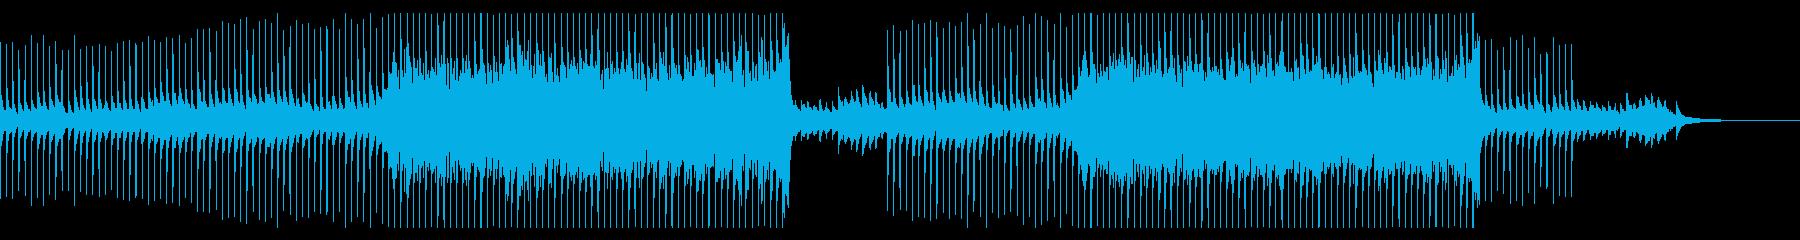 【メロディ抜き】コーポレートムービー向けの再生済みの波形